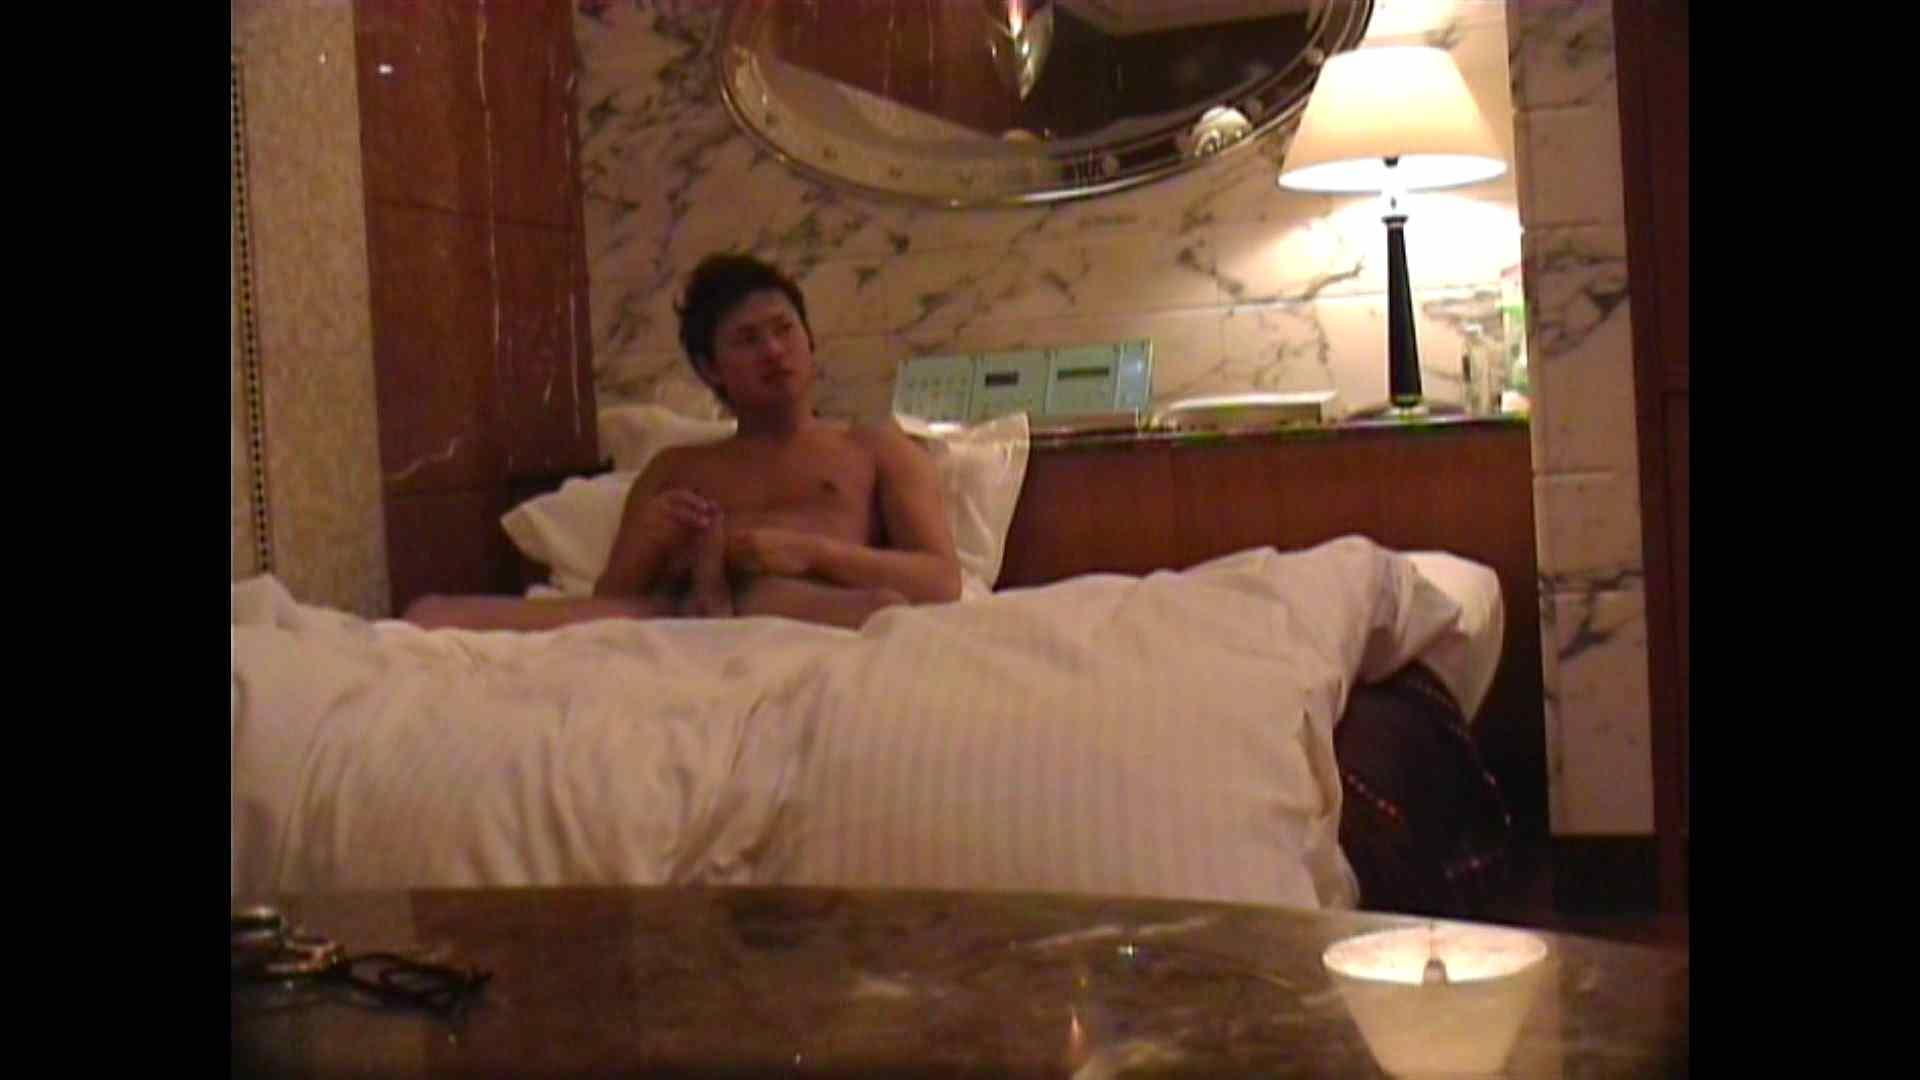 オナ好き五郎さん投稿!イケメン限定、オナニーでイク瞬間を撮影 その2 イケメンのゲイ達 Guyエロ画像 68枚 19